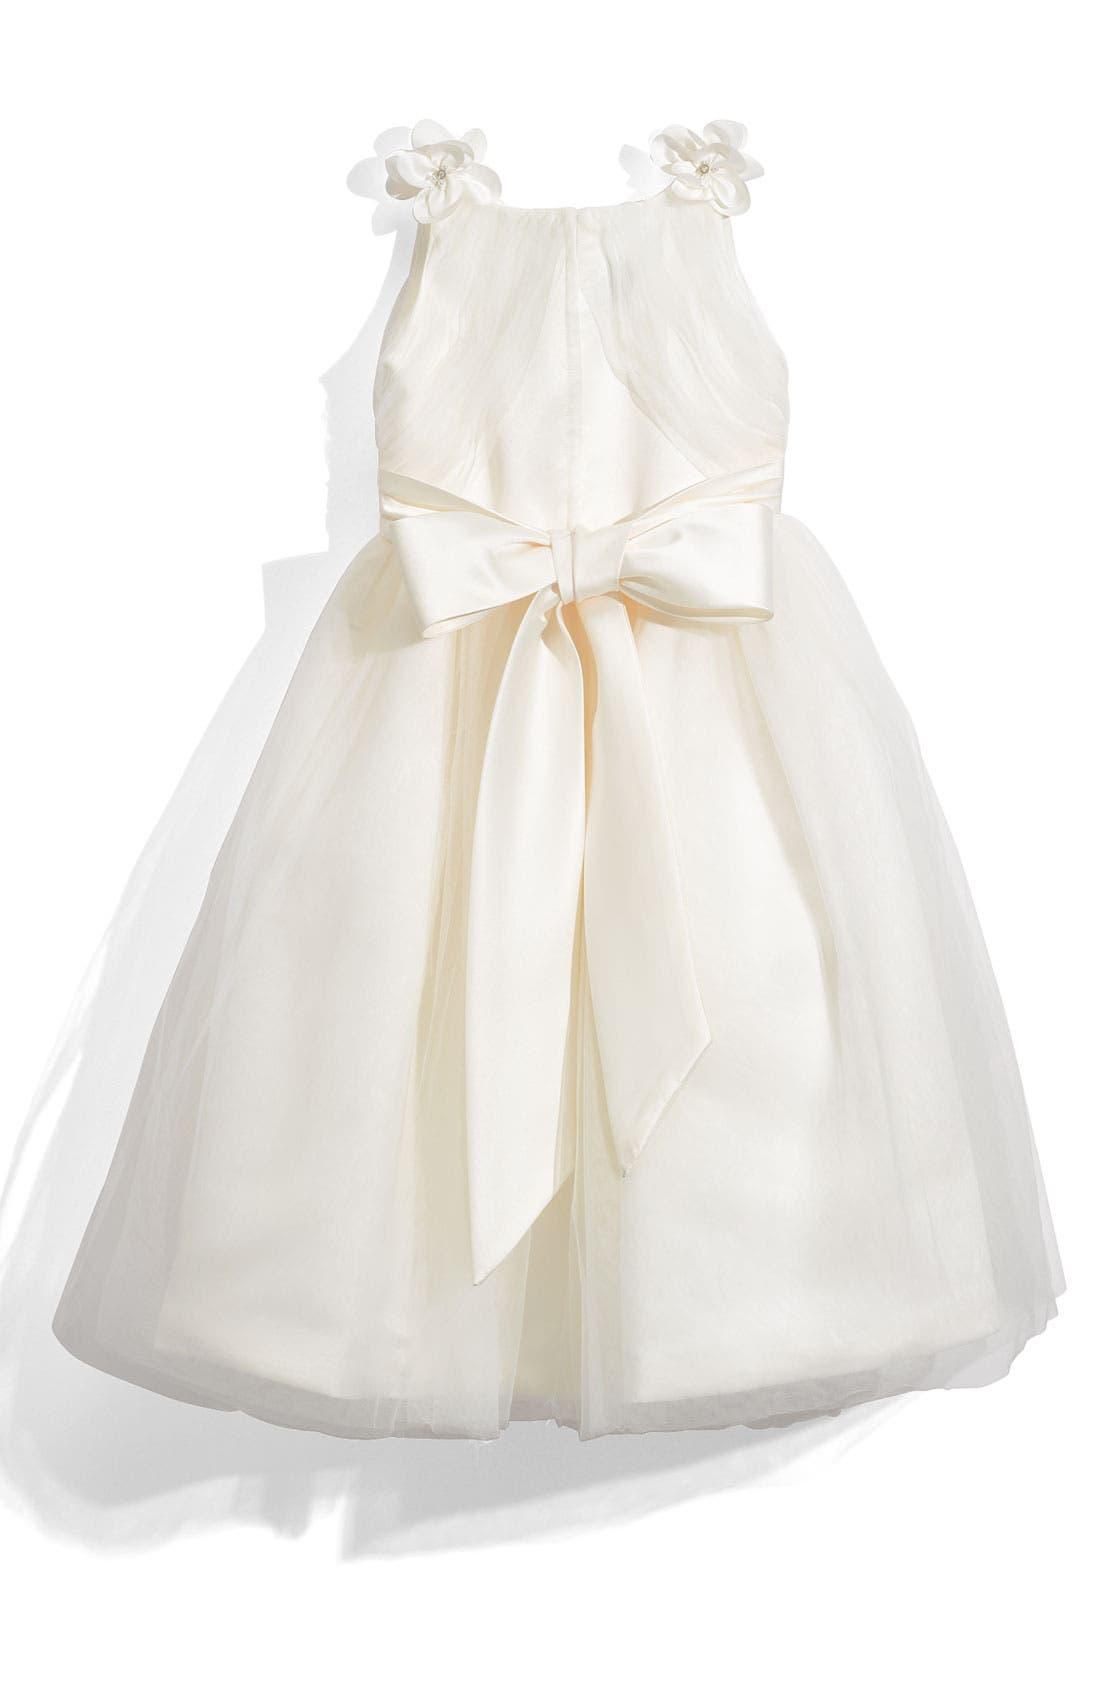 Alternate Image 2  - Joan Calabrese for Mon Cheri 'Illusion' Sleeveless Satin Dress (Little Girls & Big Girls)